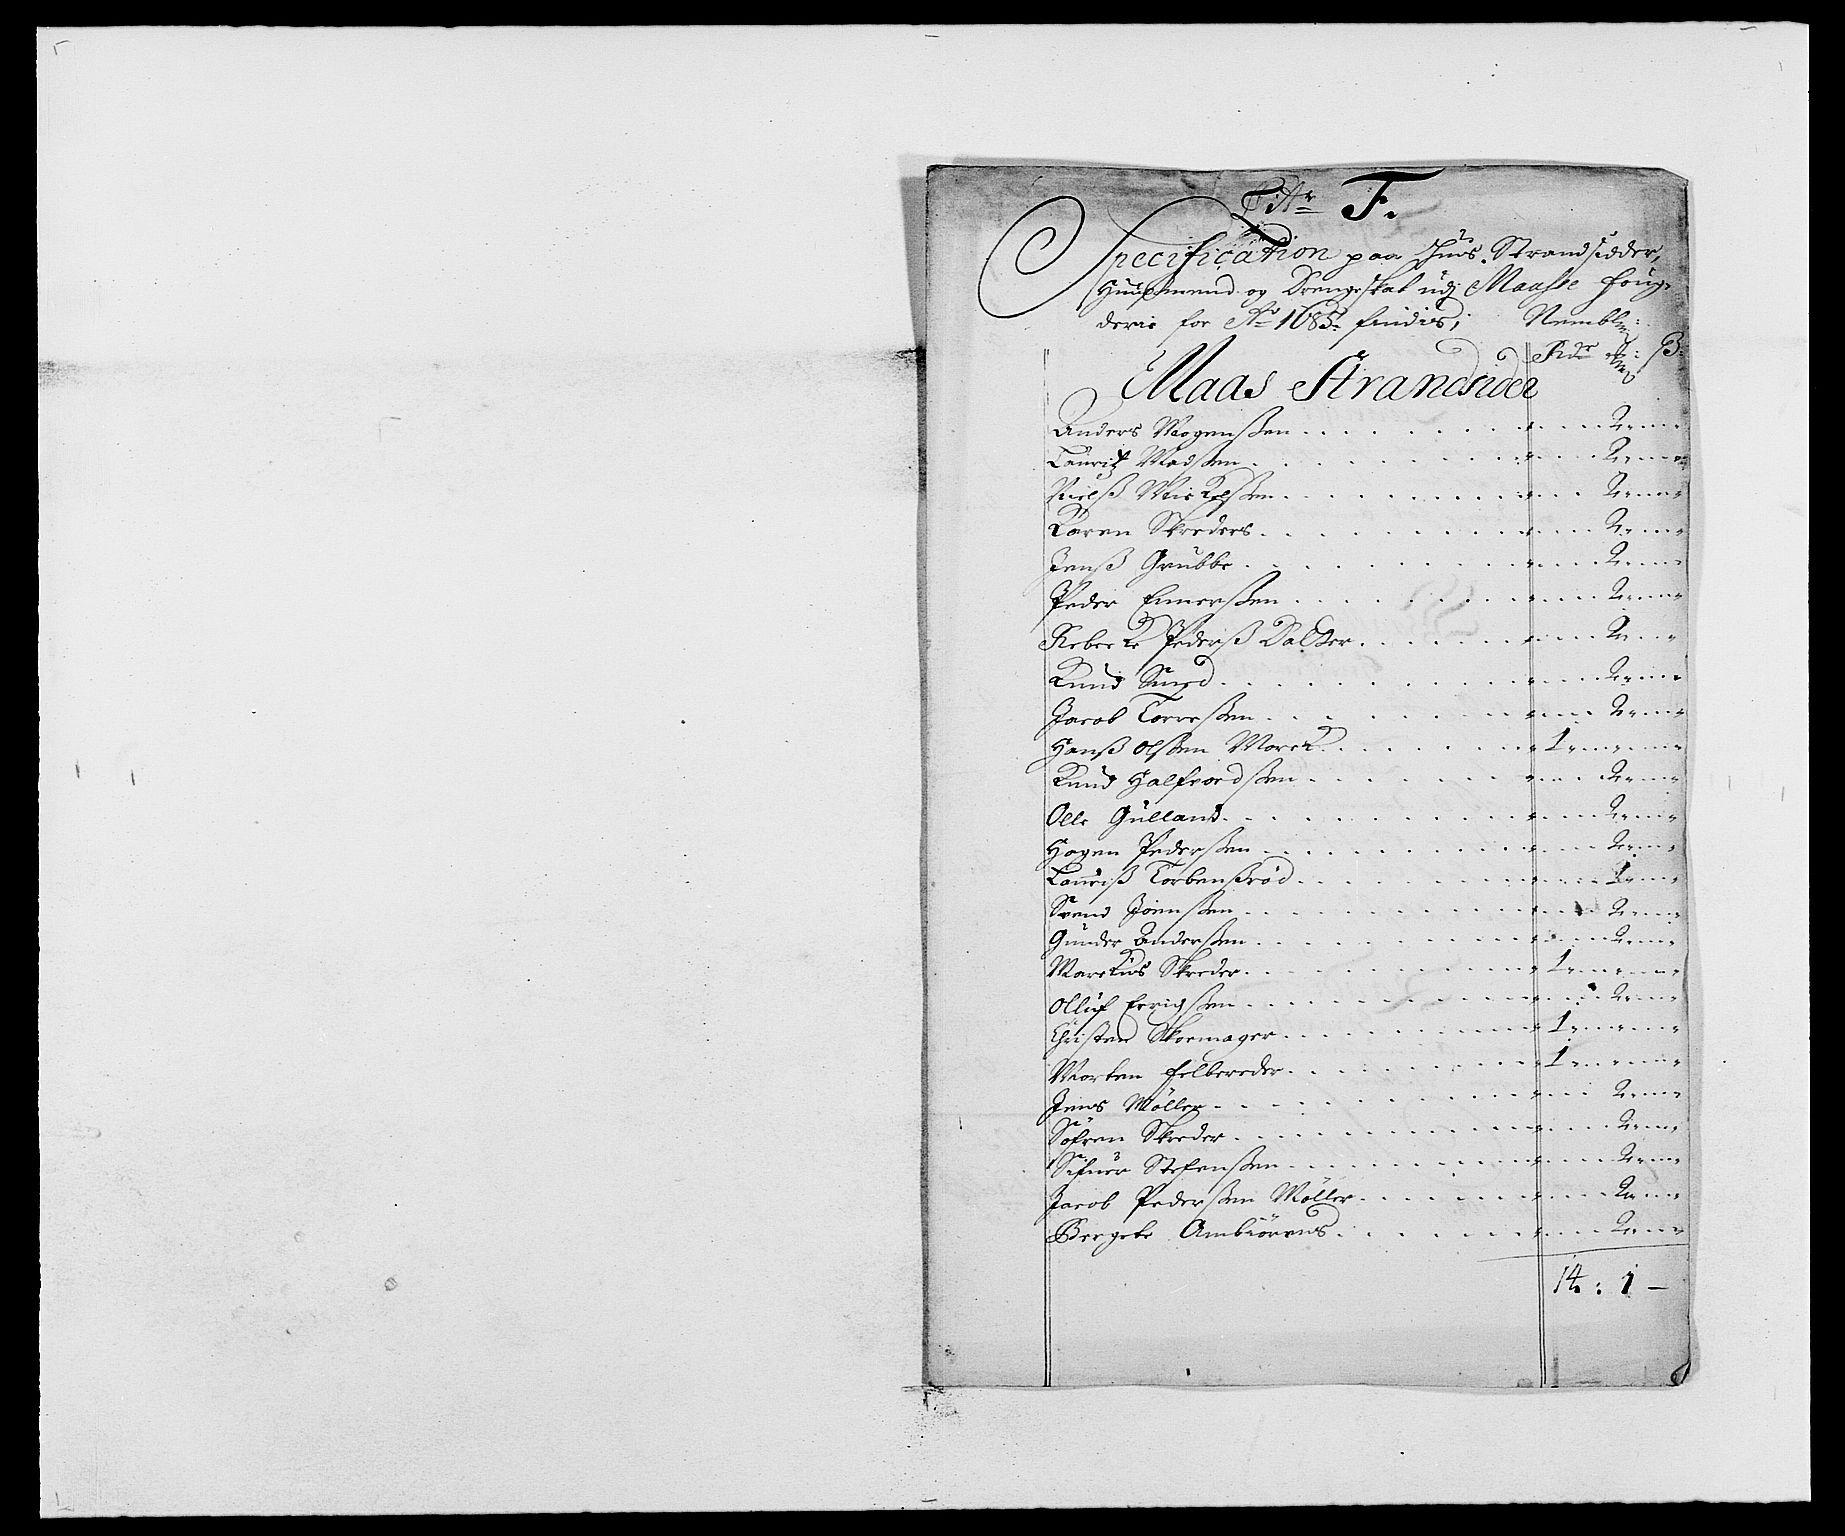 RA, Rentekammeret inntil 1814, Reviderte regnskaper, Fogderegnskap, R02/L0105: Fogderegnskap Moss og Verne kloster, 1685-1687, s. 89